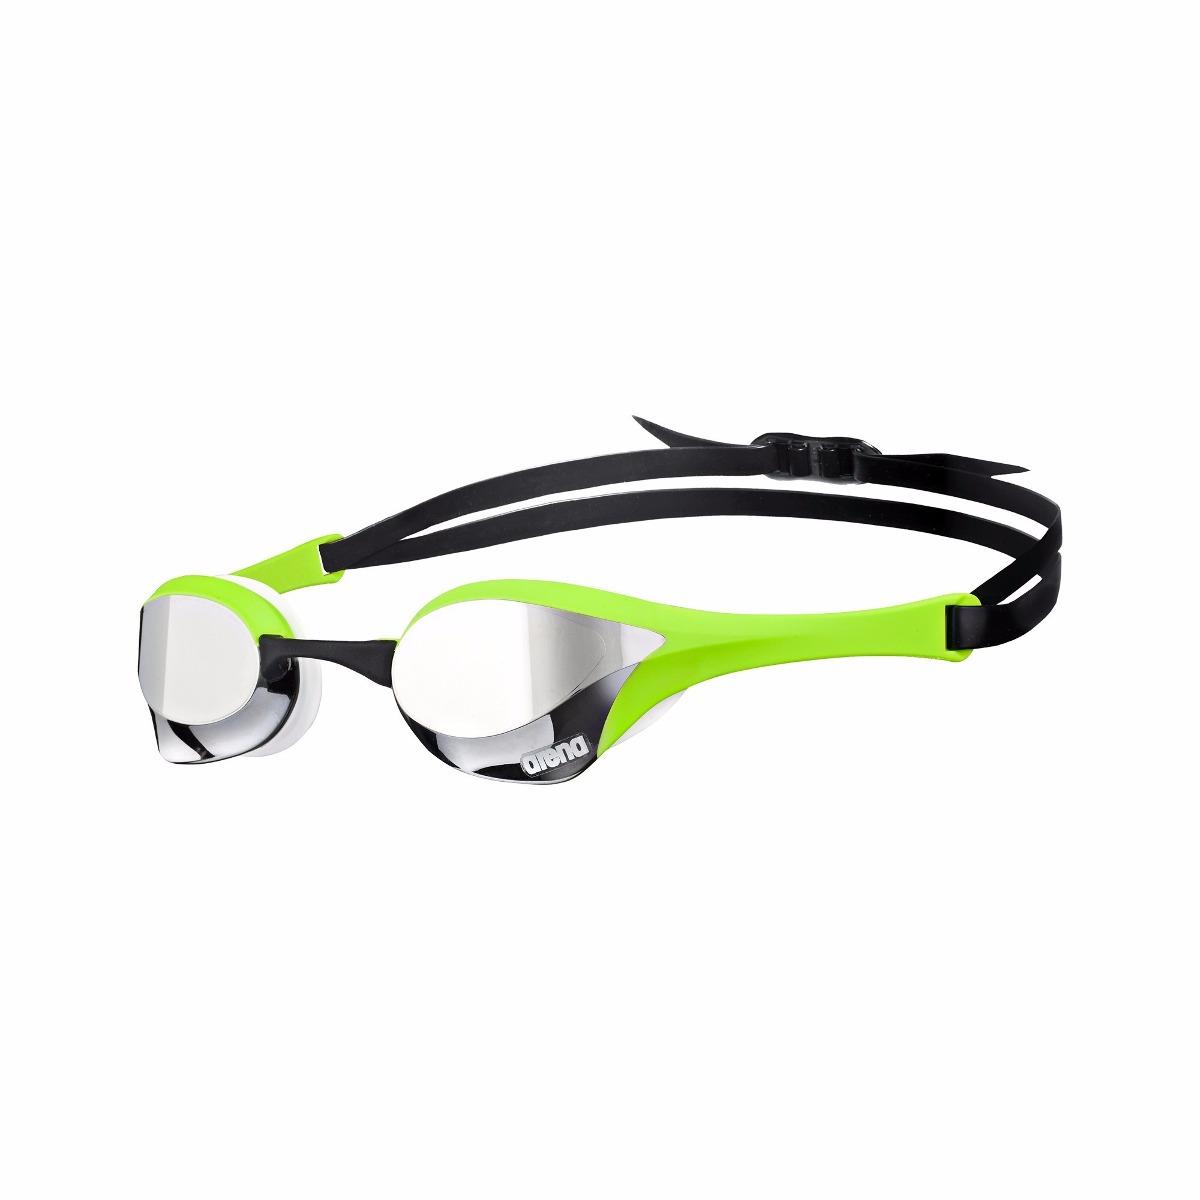 82fb2dc0b Óculos Natação Competição Arena Cobra Ultra Green Silver - R  267